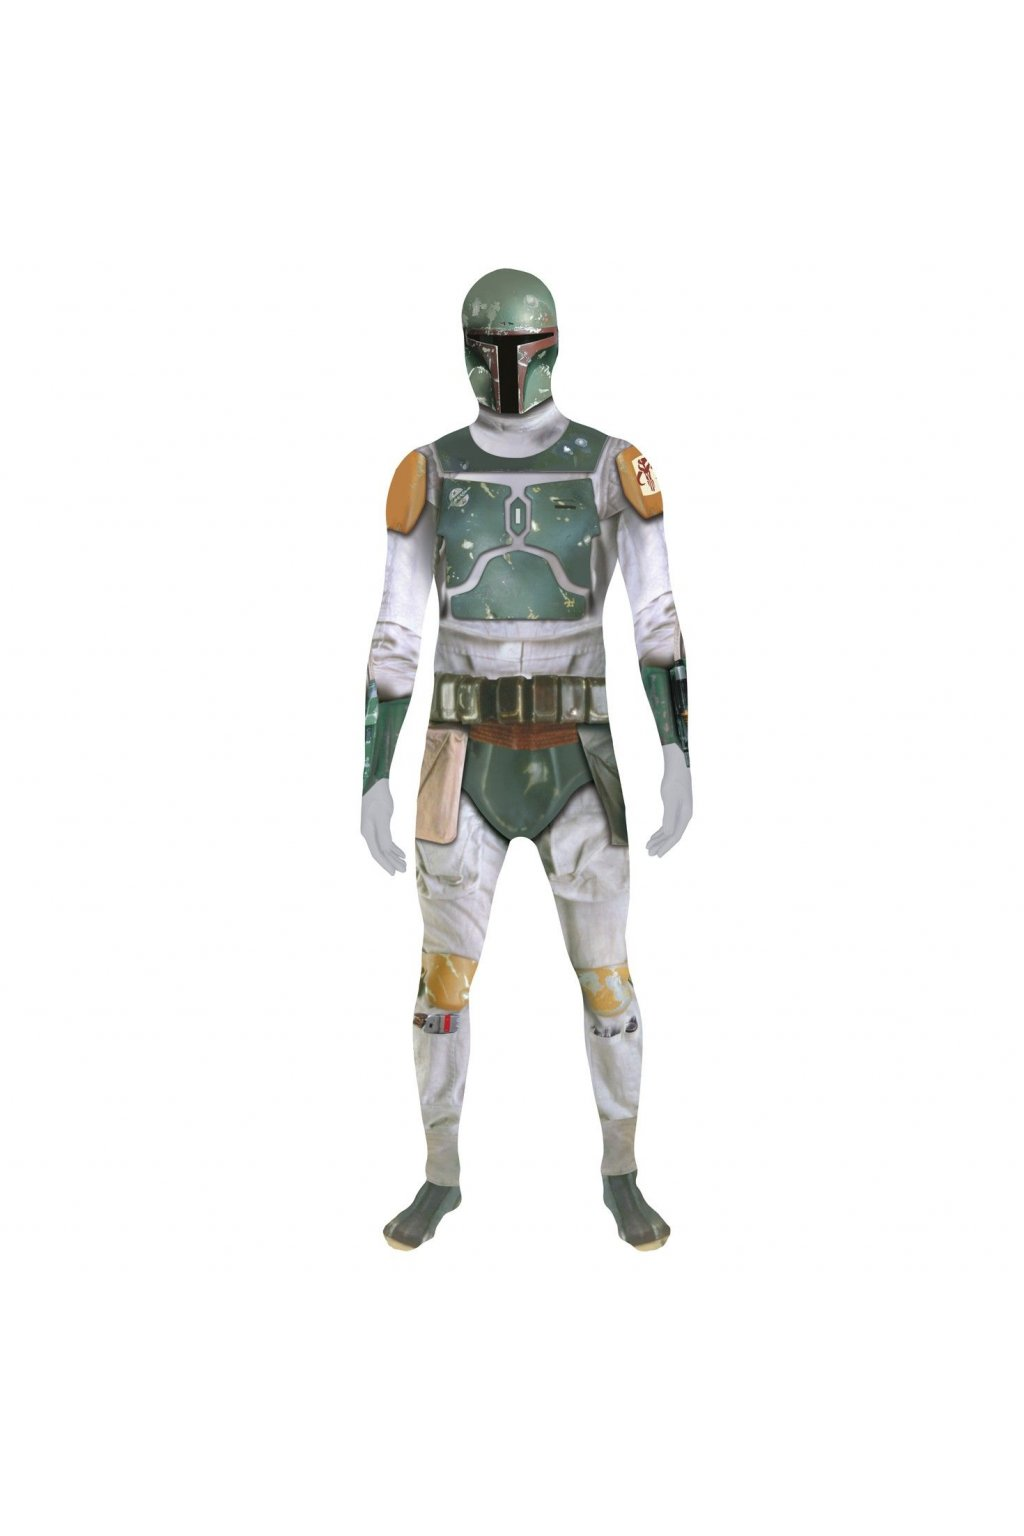 Boba Fett - Star Wars Morphsuit